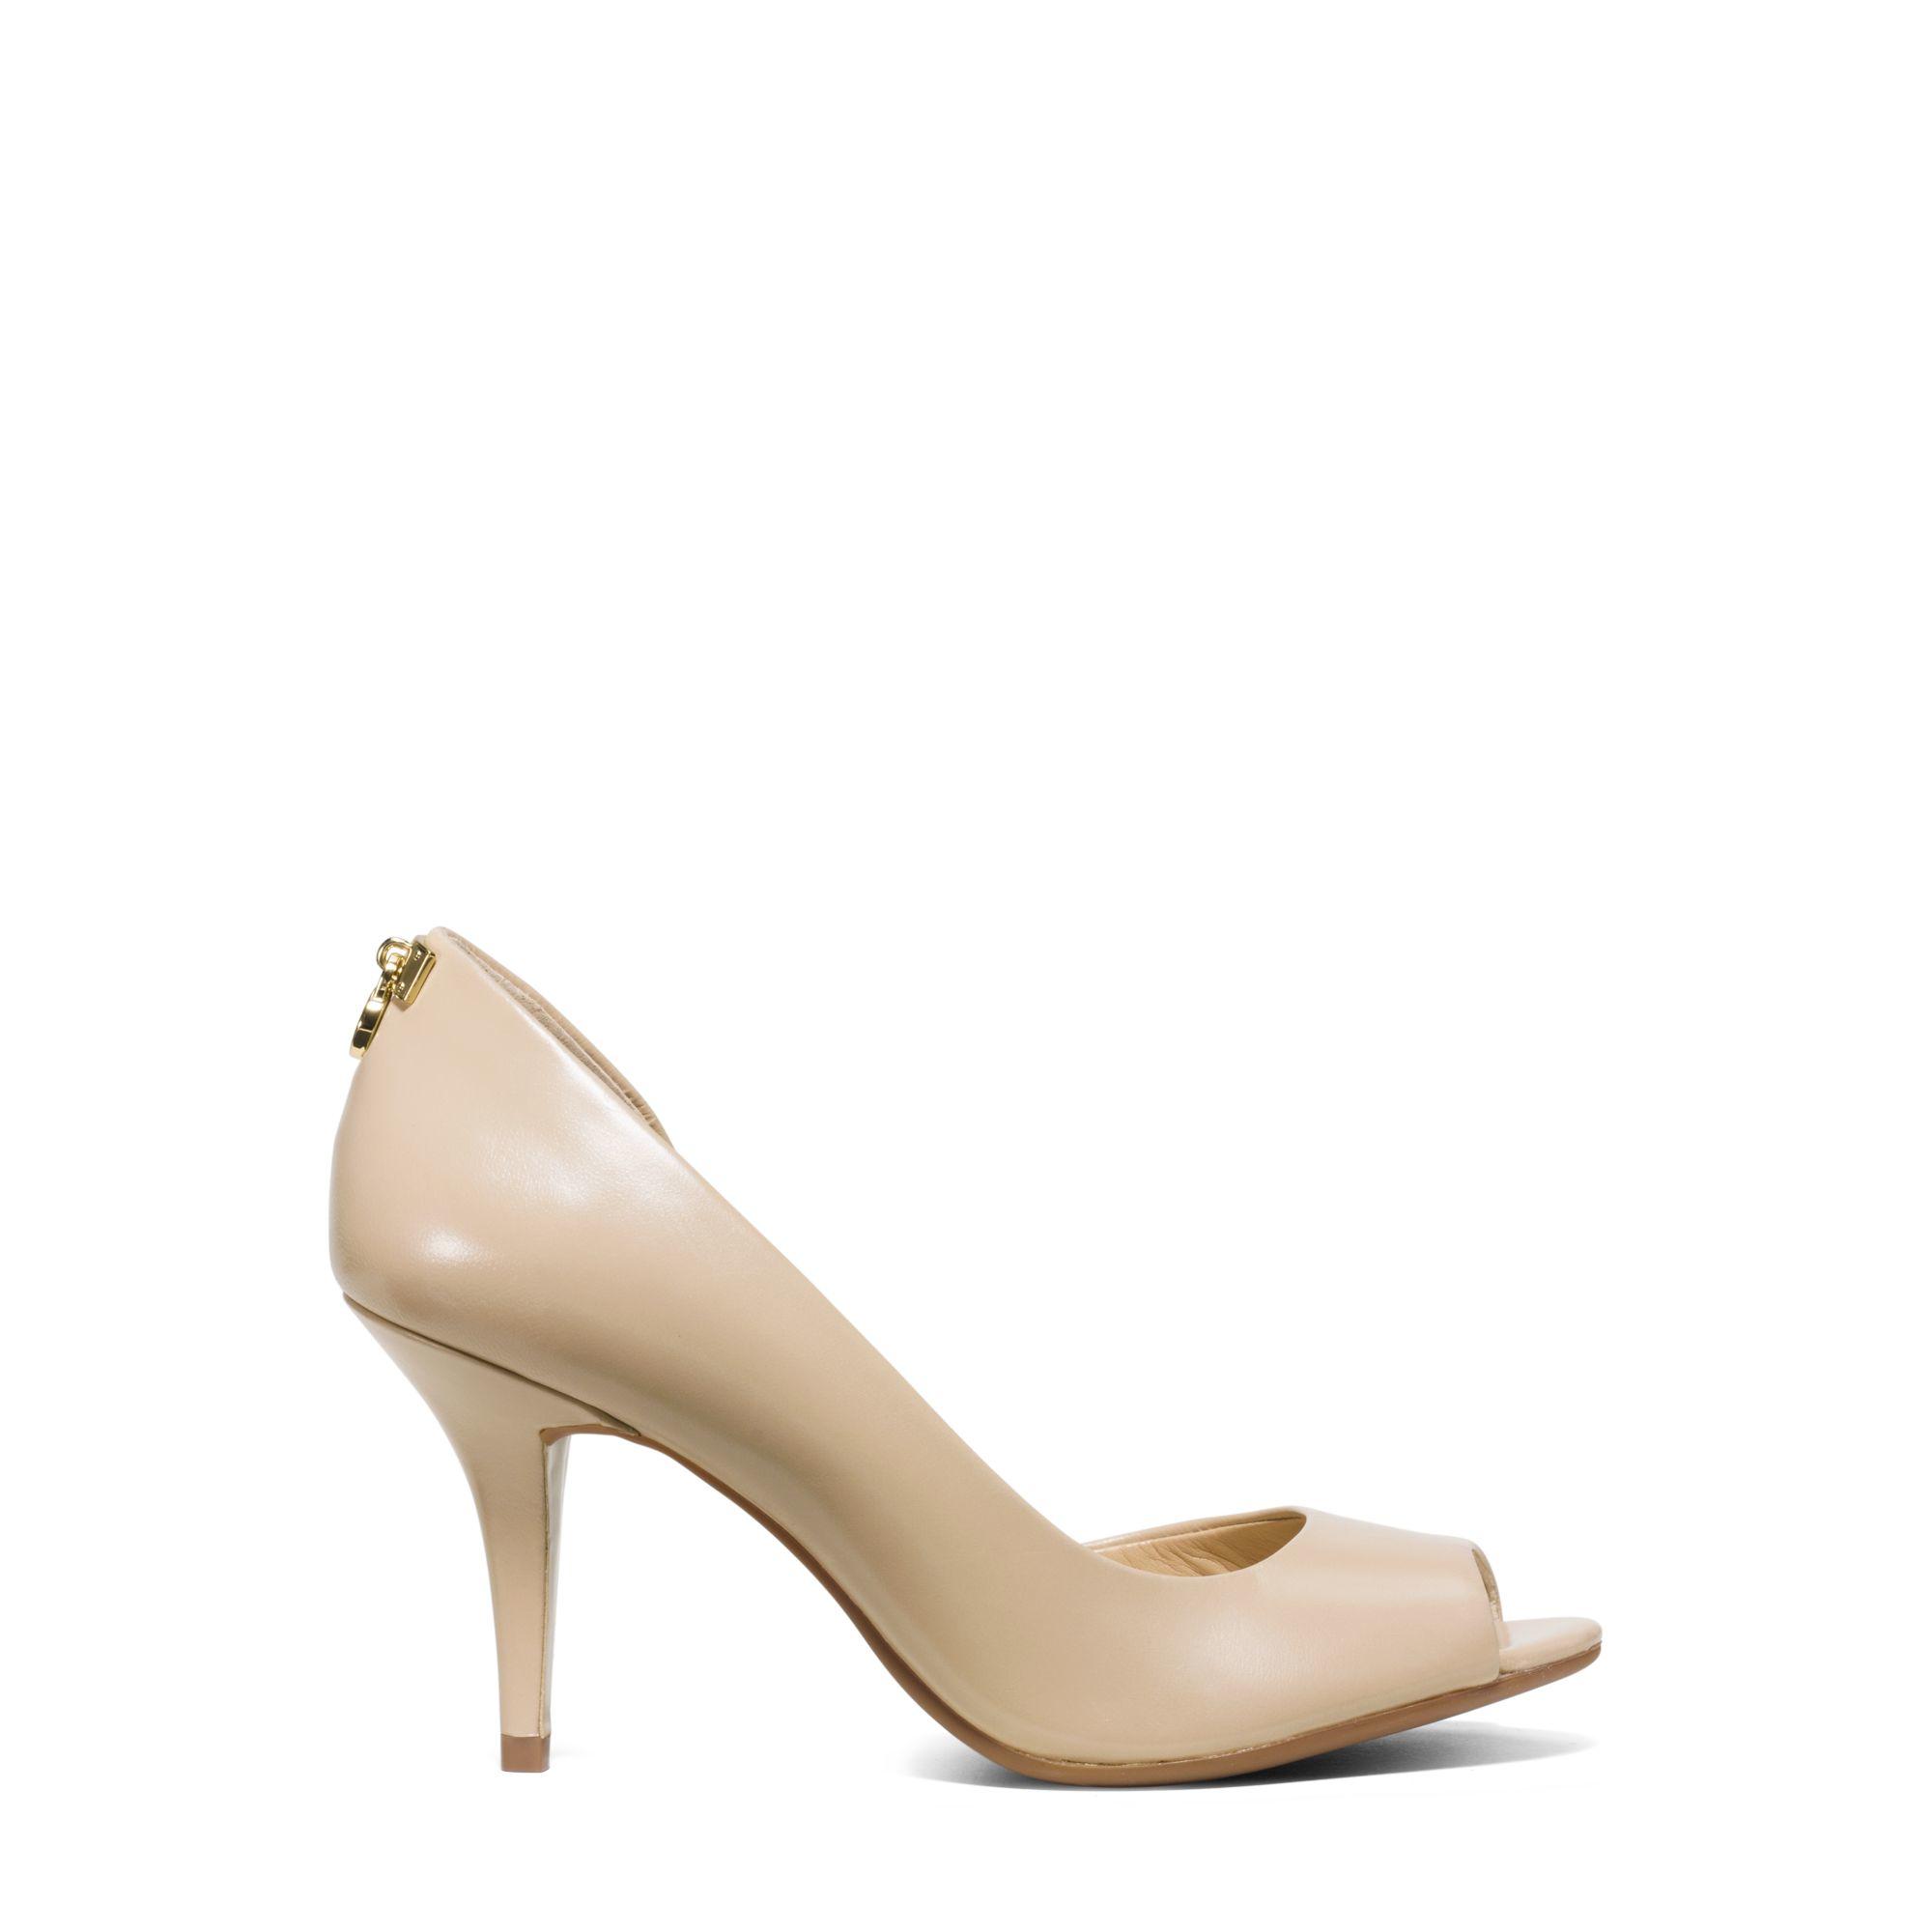 Michael Kors Hamilton Leather Peep-toe